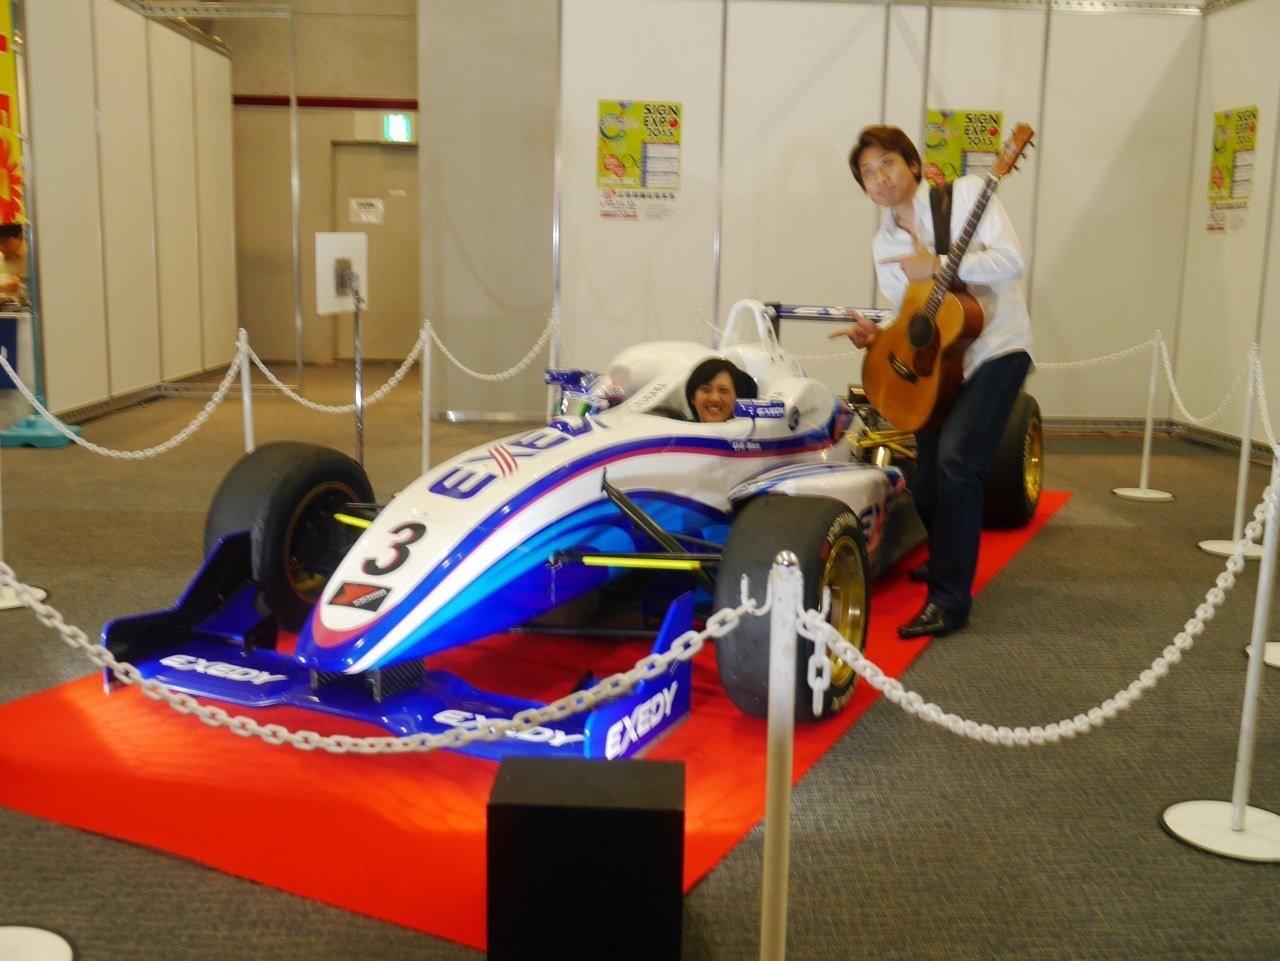 愛車に乗った三浦愛さんと、スペシャルゲストの西山隆行さん